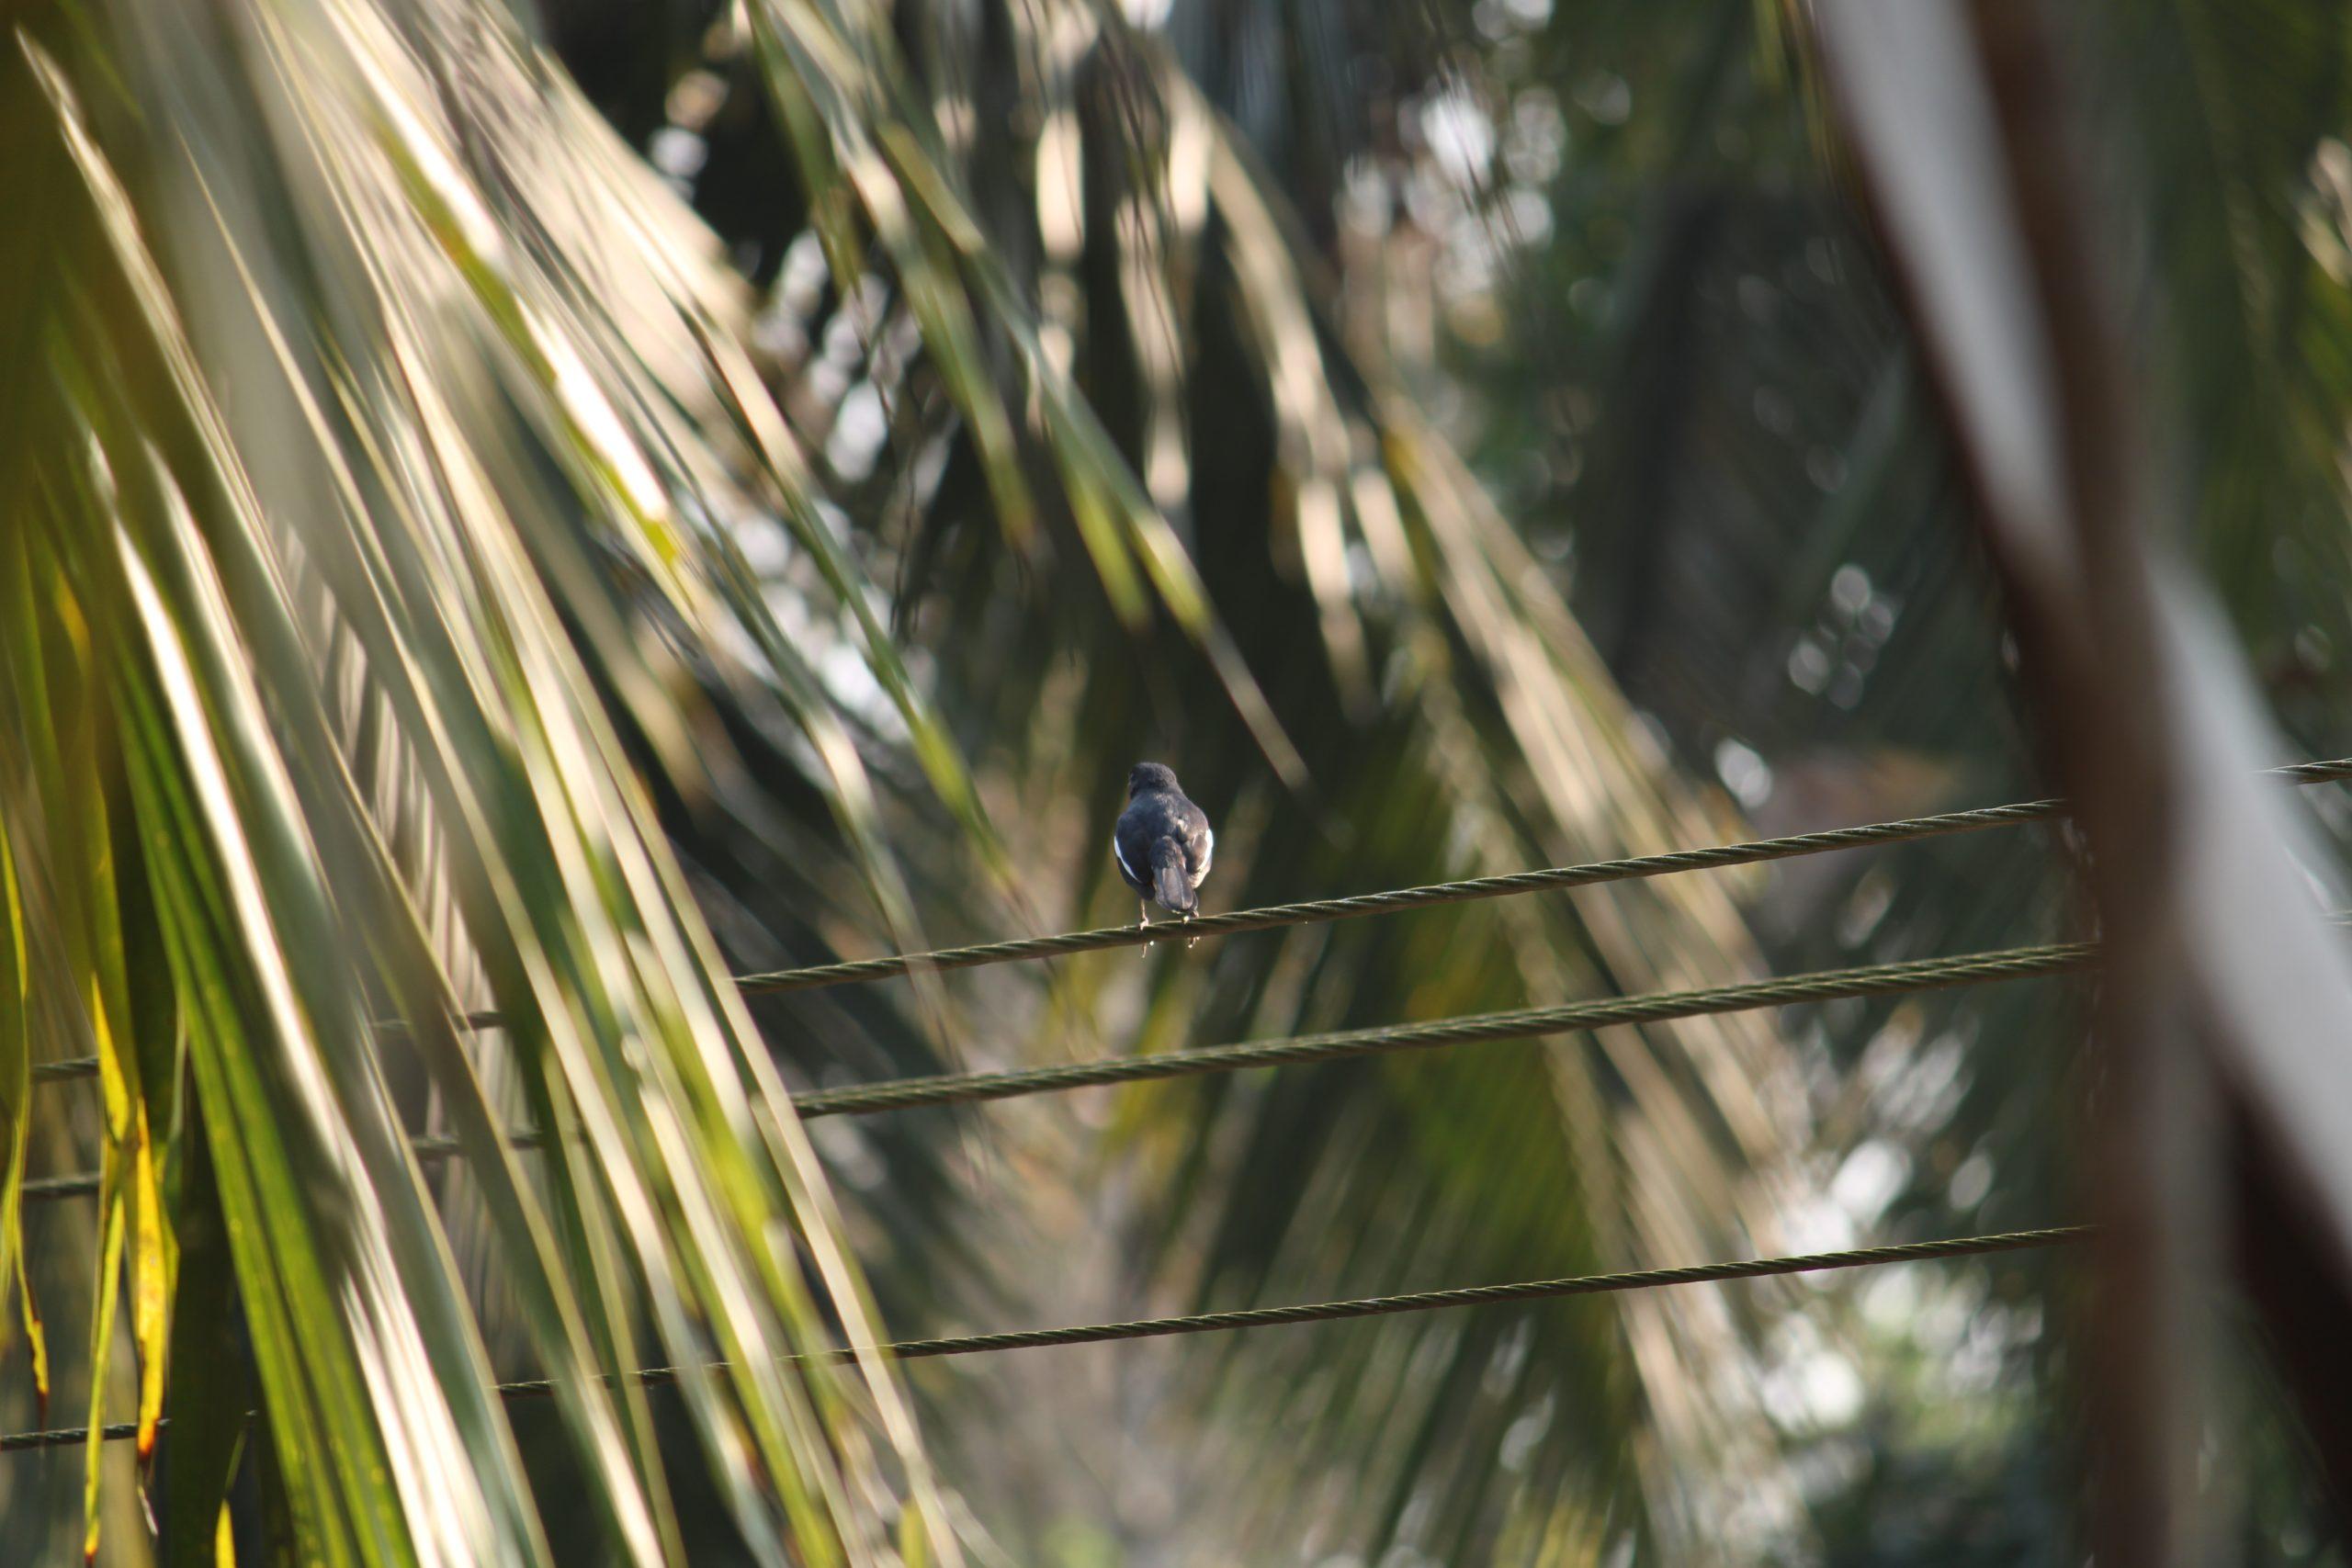 Bird sitting on wire